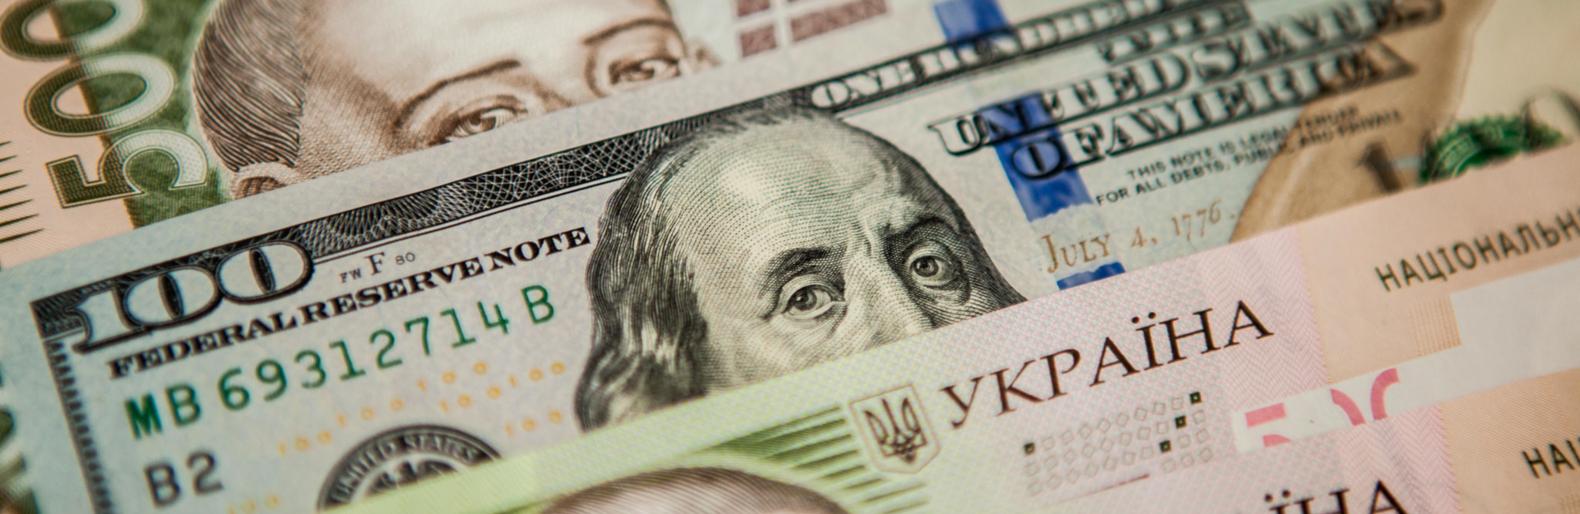 курс валют дубай к доллару на сегодня